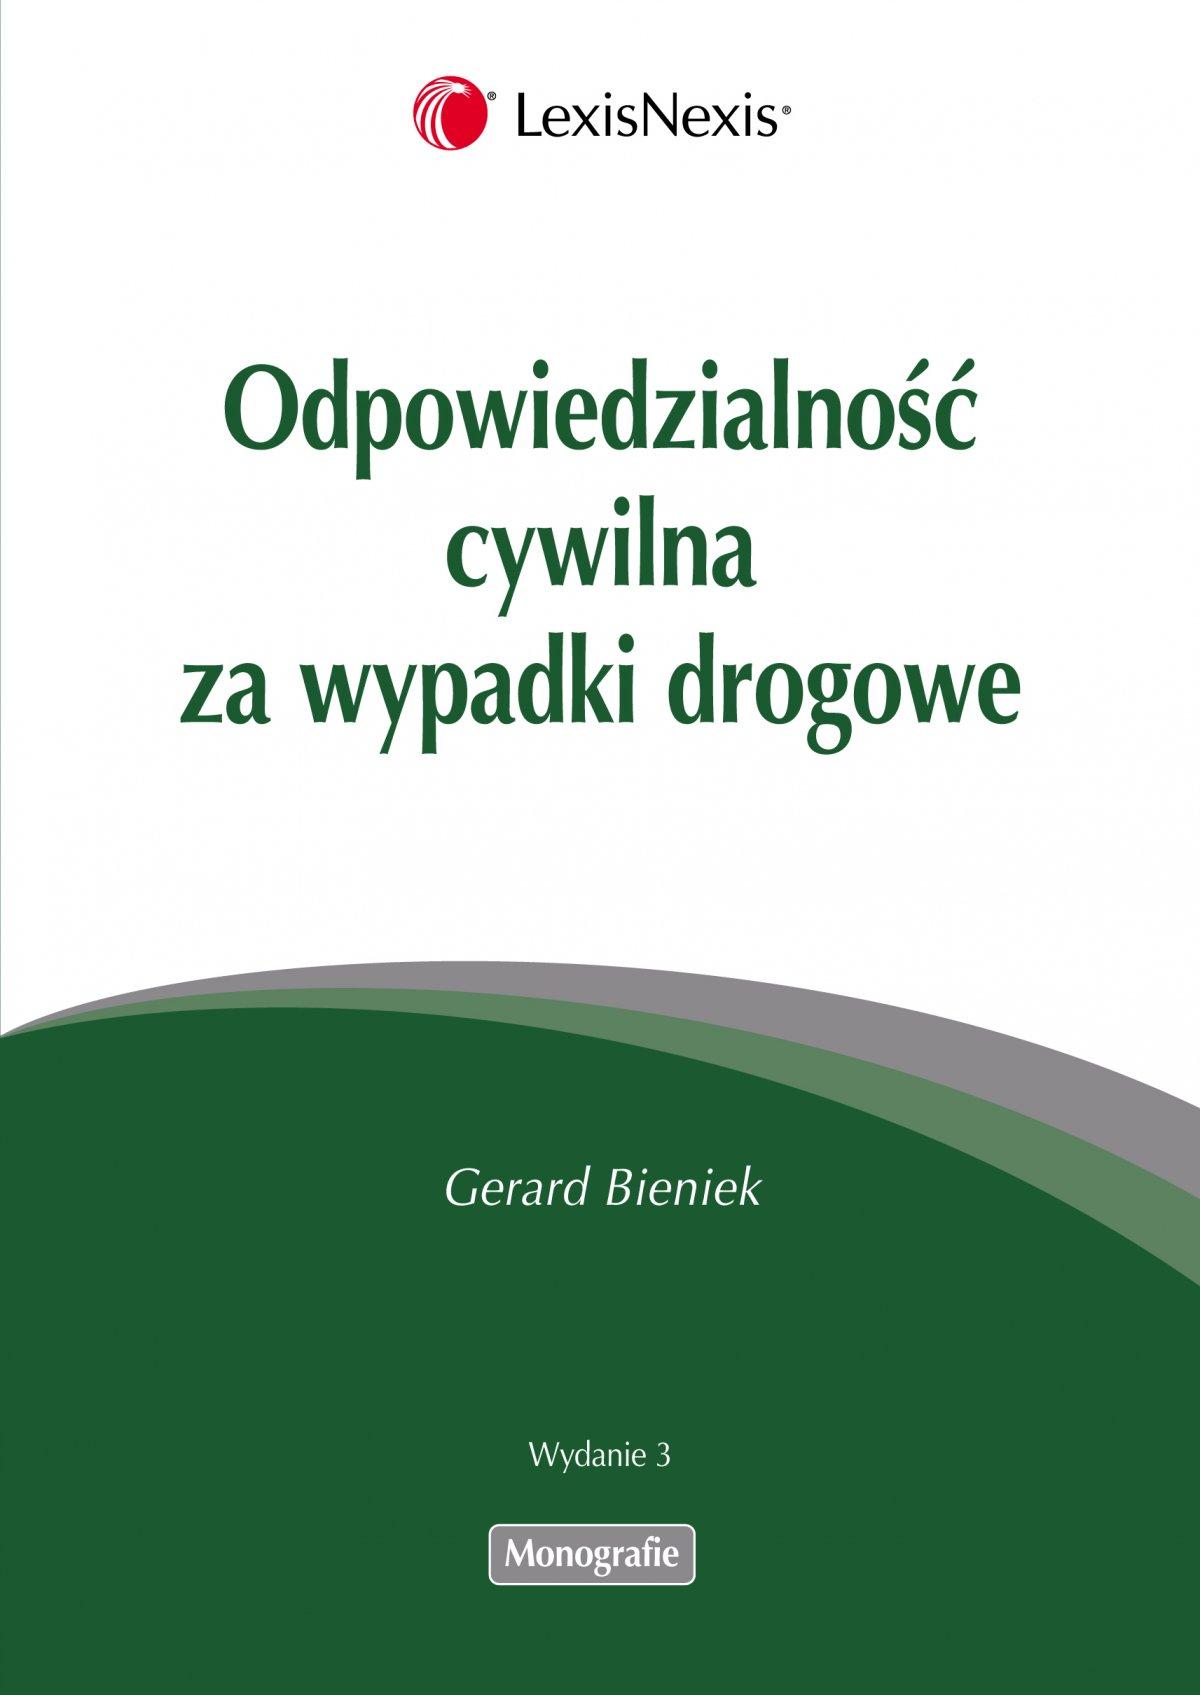 Odpowiedzialność cywilna za wypadki drogowe - Ebook (Książka EPUB) do pobrania w formacie EPUB